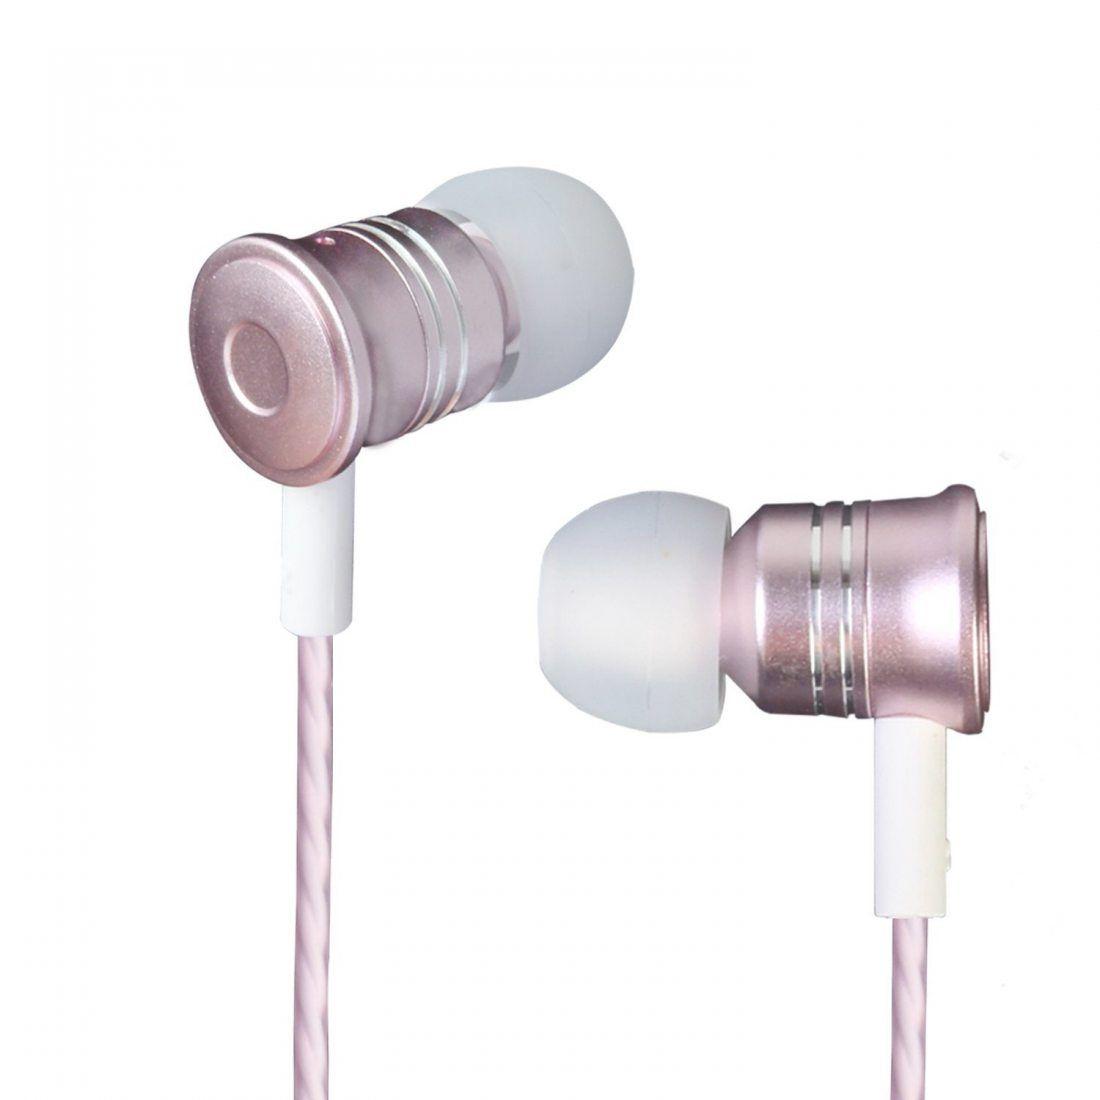 Écouteurs Intra-auriculaires Casque Stéréo Réduction de Bruit Passive Oreillette Filaire Moniko pour Mobiles,Tablettes iPhone